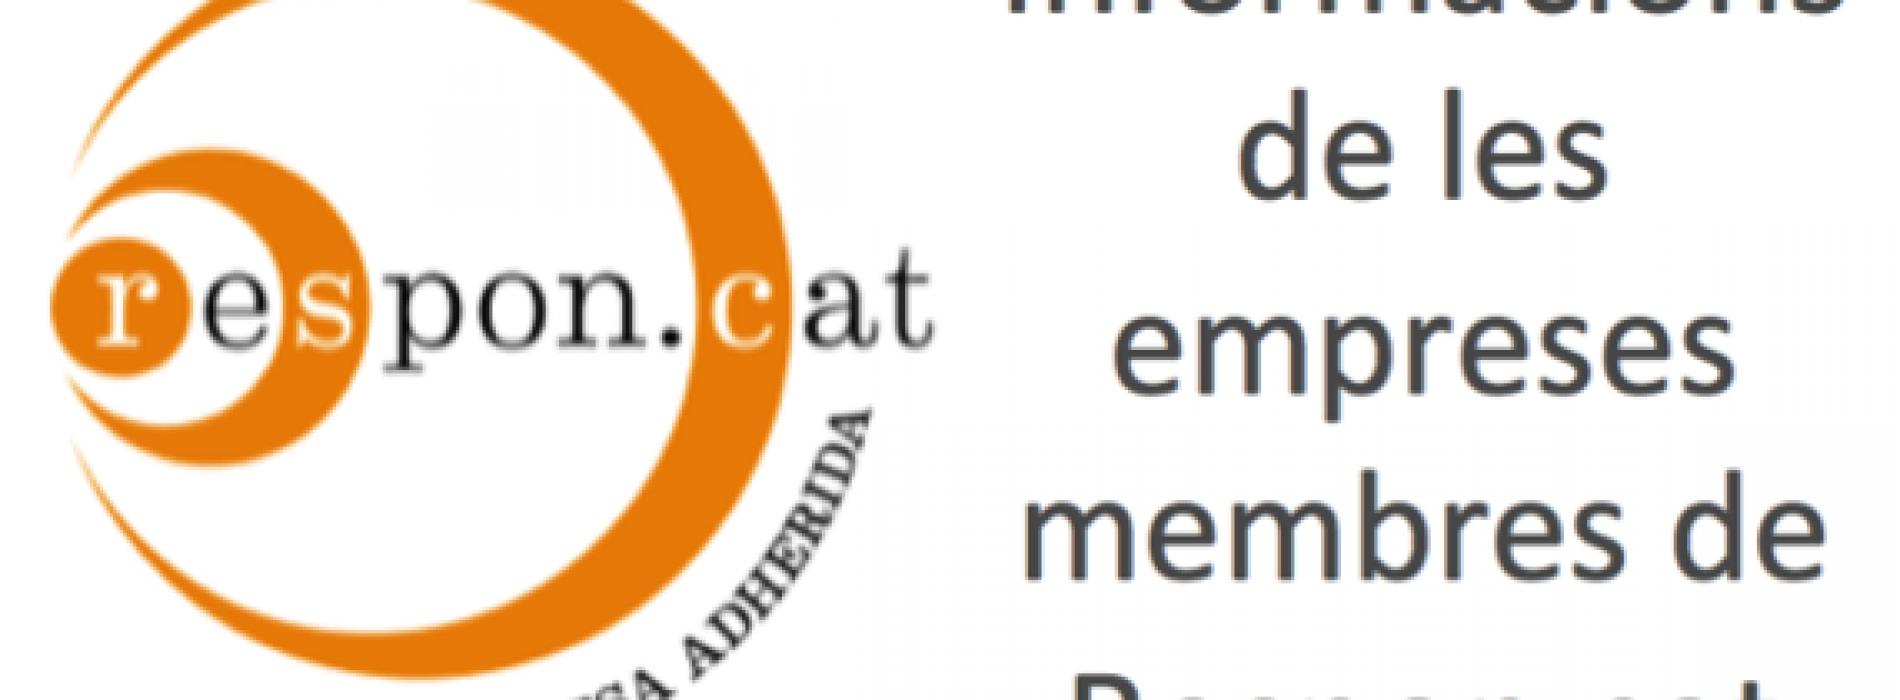 Donem la benvinguda a tres noves empreses membres a Respon.cat